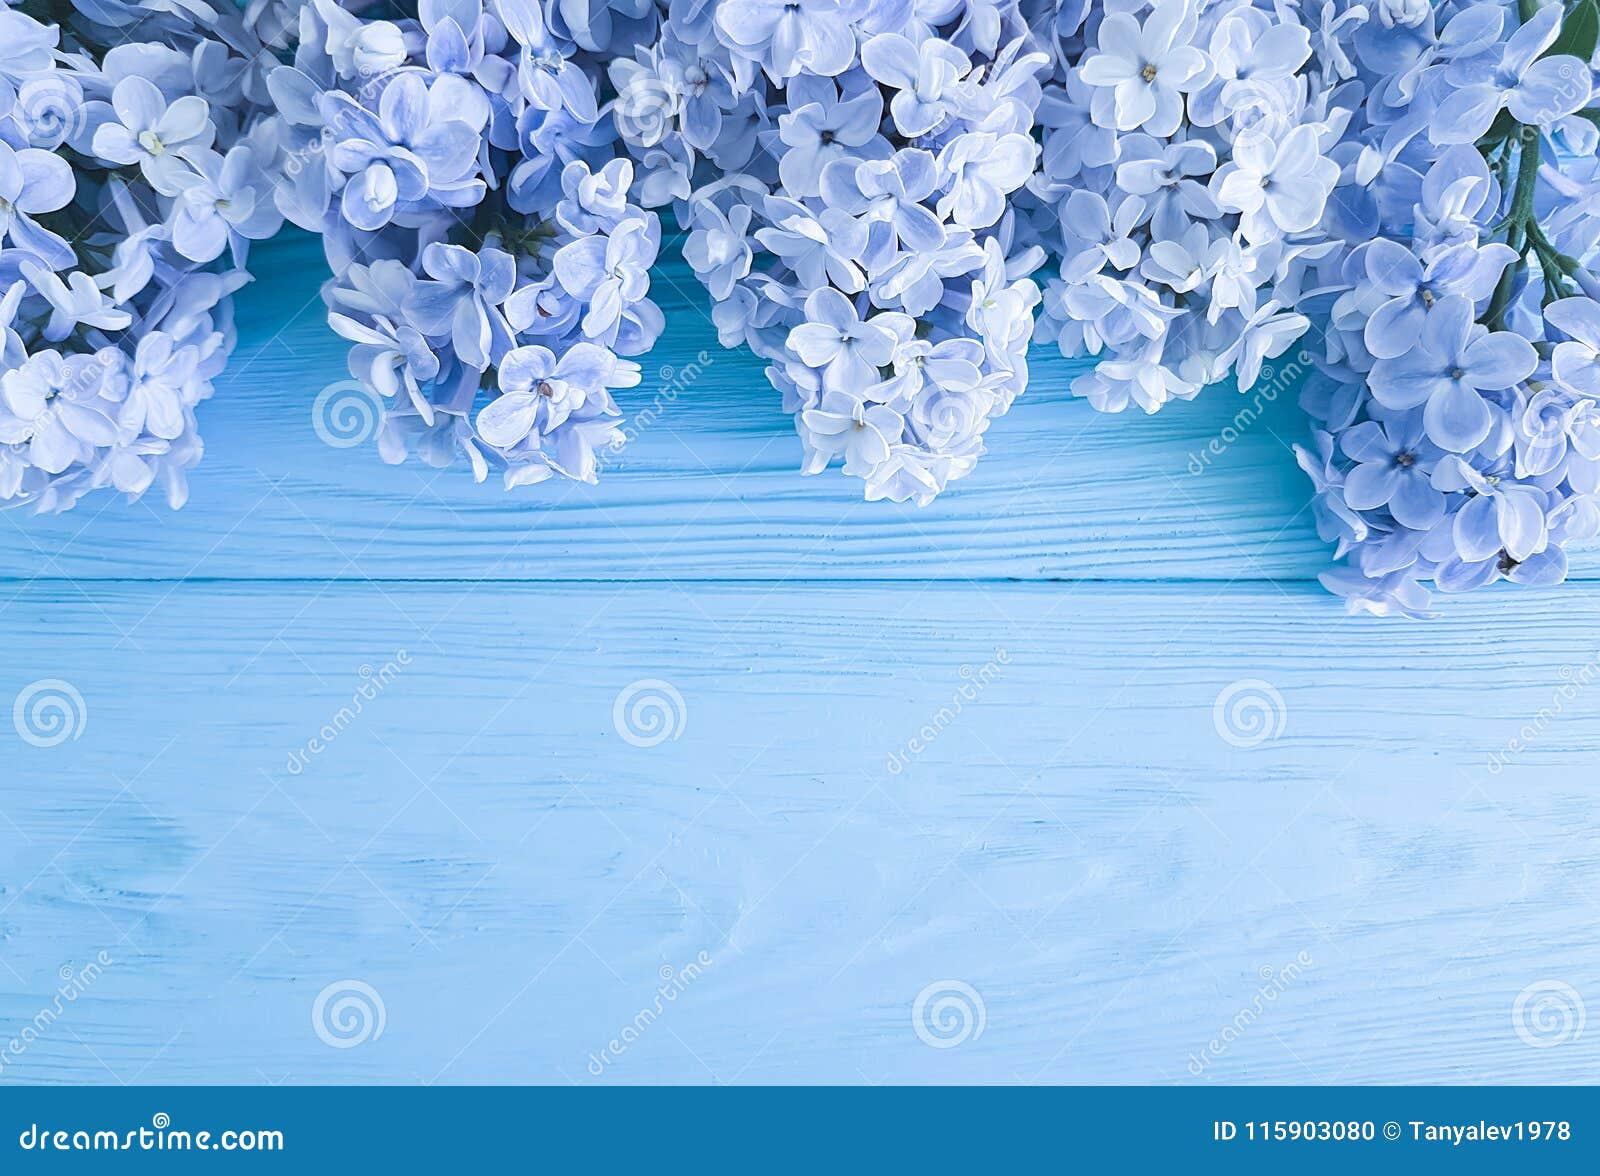 Feriado lilás do presente do dia de mães do aniversário do cumprimento da primavera do cargo da decoração da flor fresca bonita e